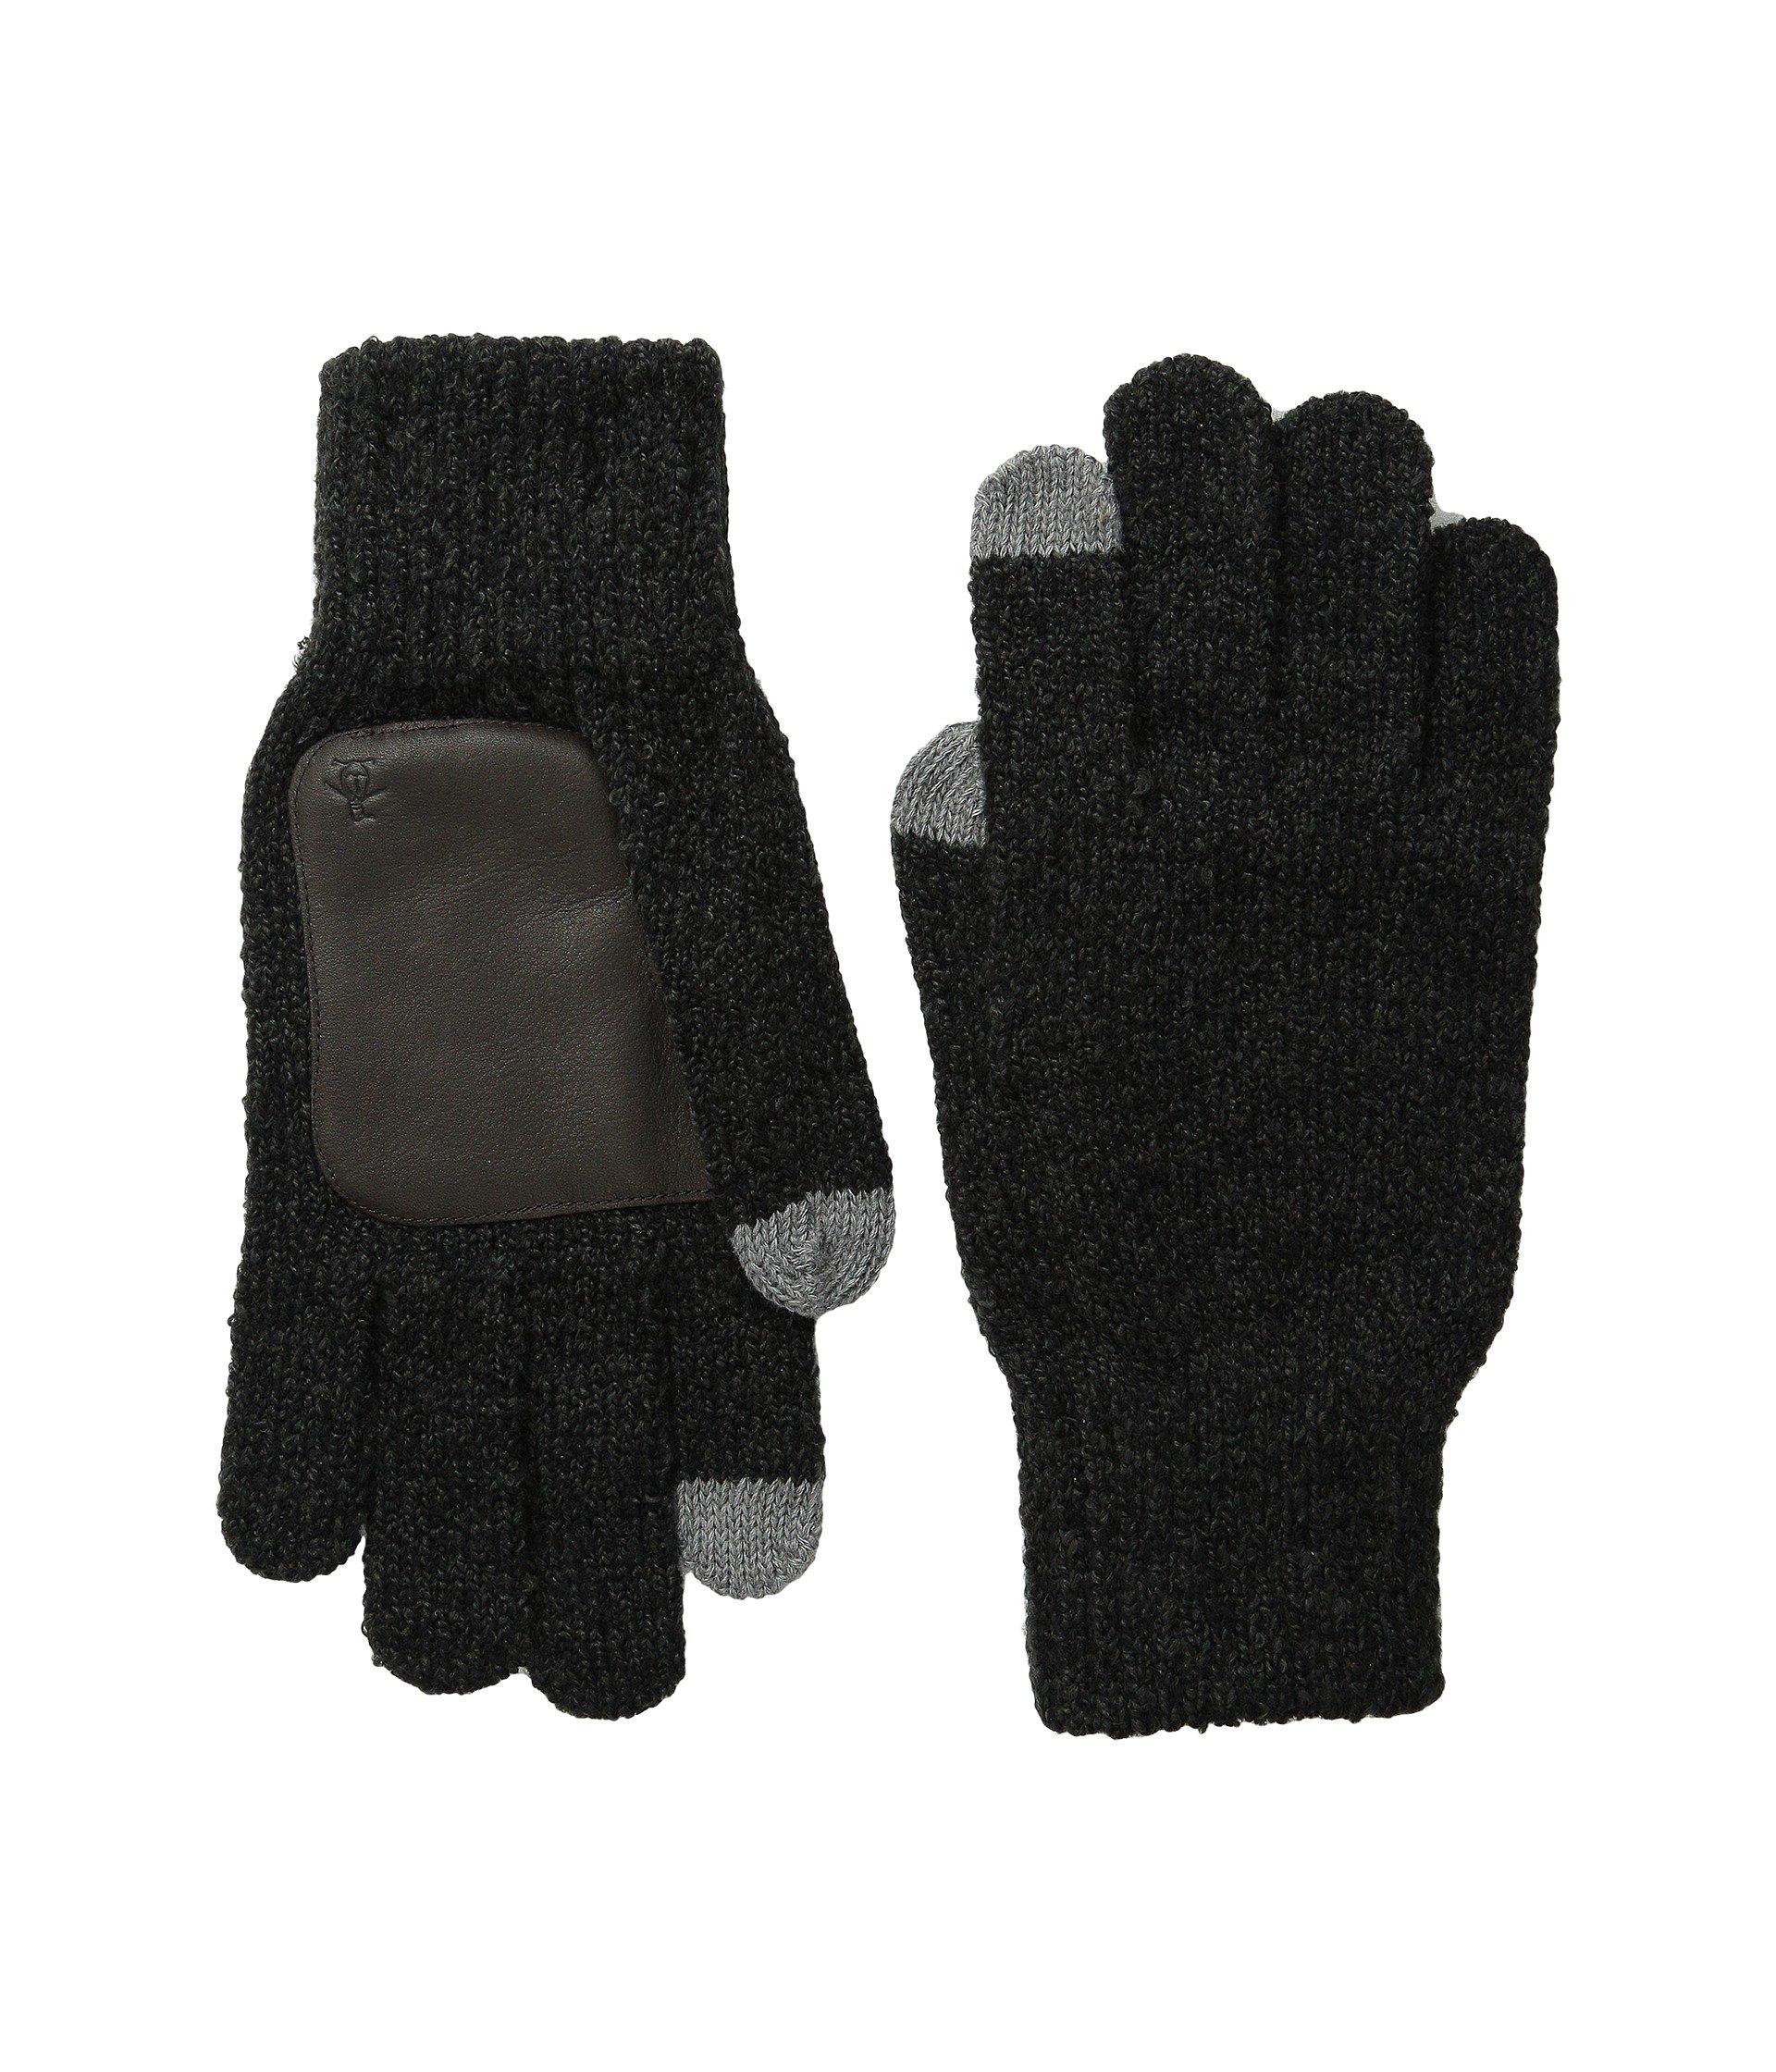 Guantes para Hombre Original Penguin Textured Knit Tech Touch Gloves  + Original Penguin en VeoyCompro.net